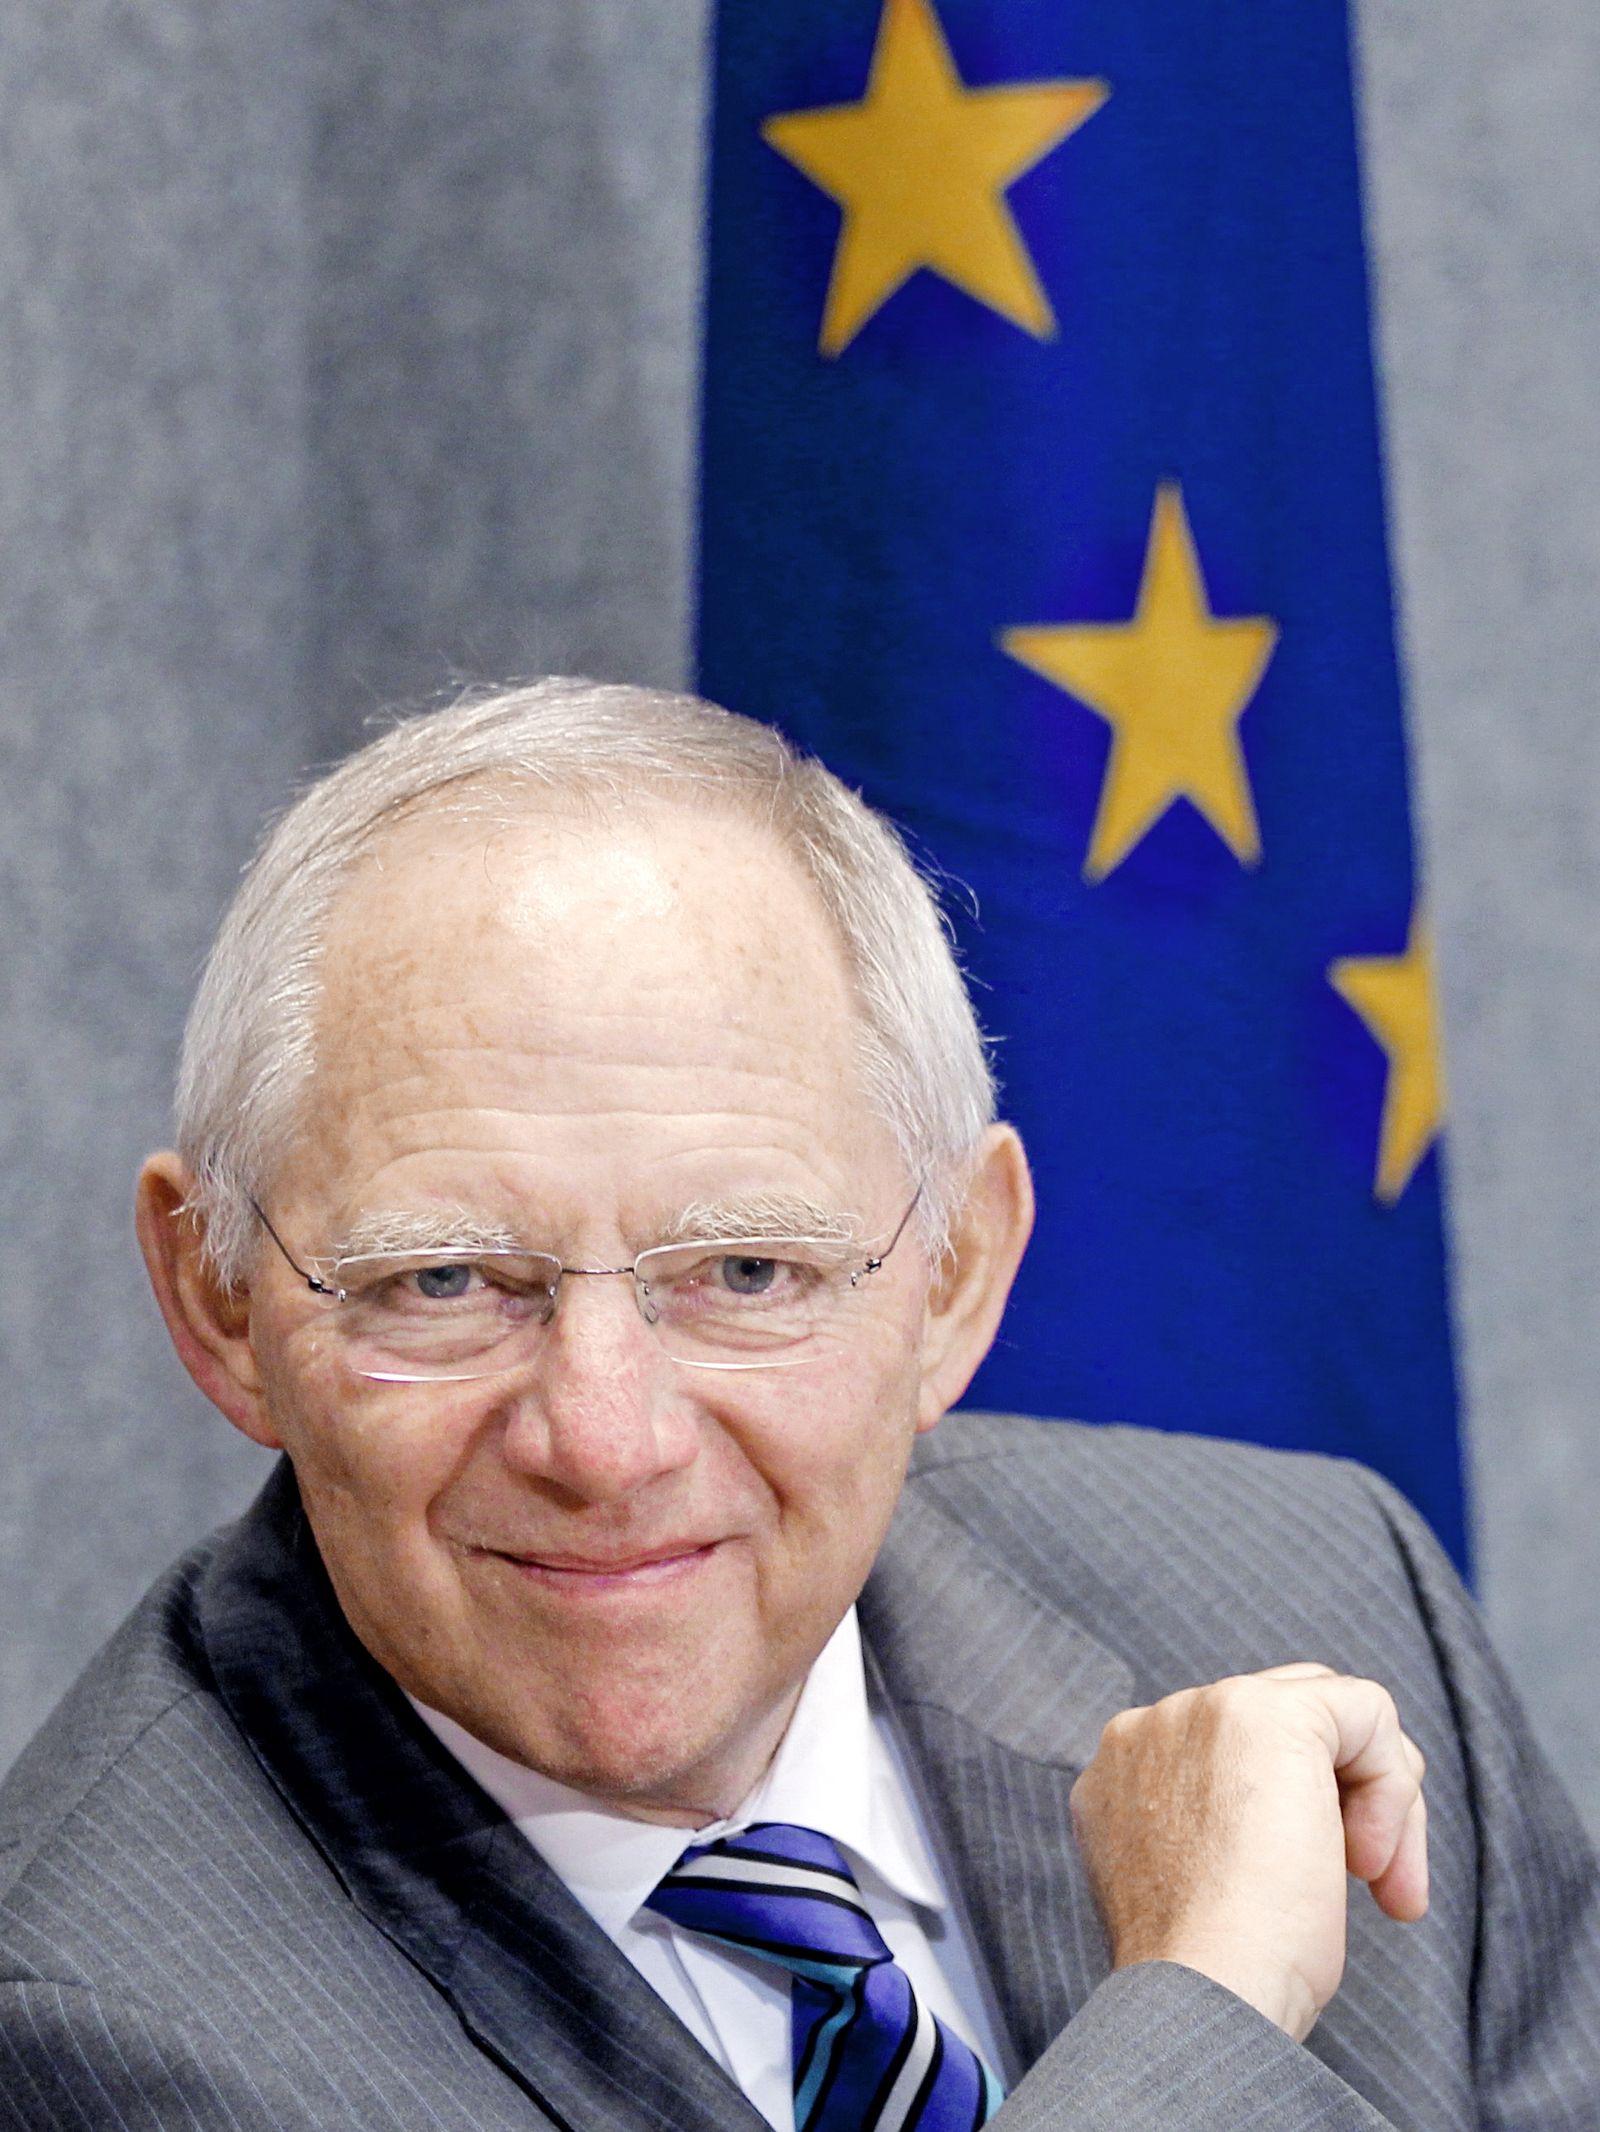 Der Spiegel 06/2012 Seite 76 International Schäuble